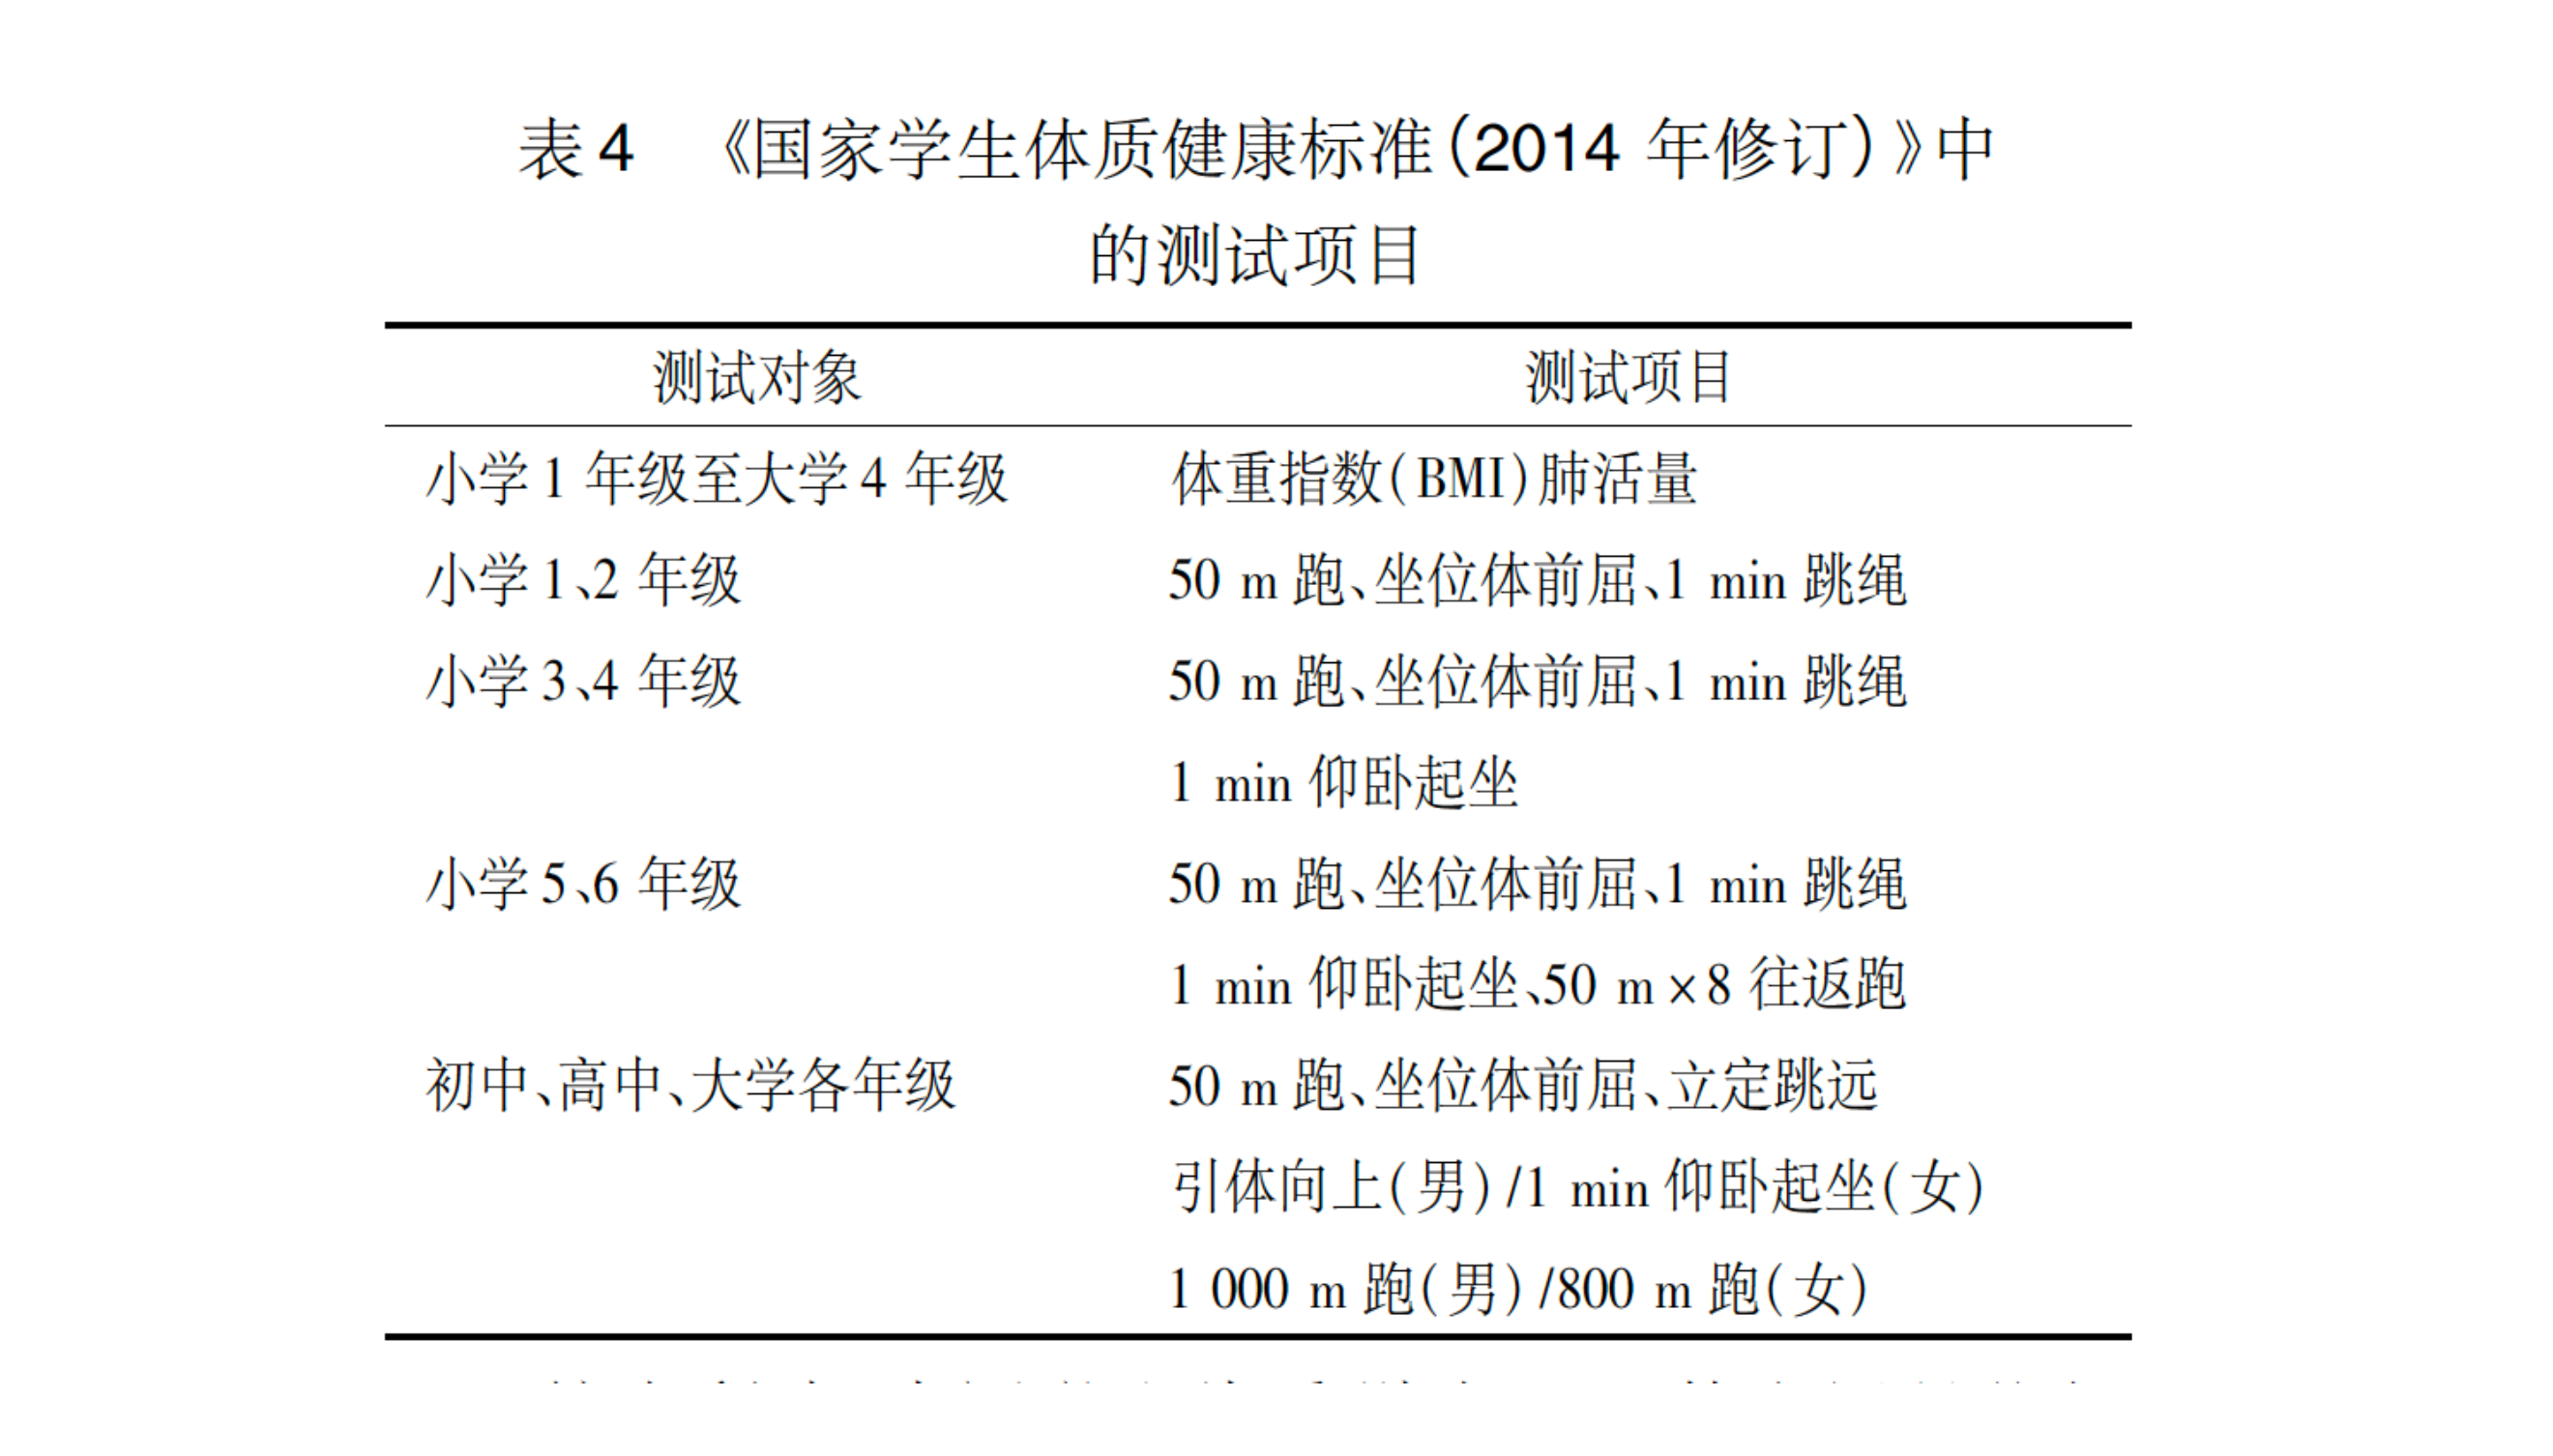 中国学生体质健康标准/于红妍(2014)